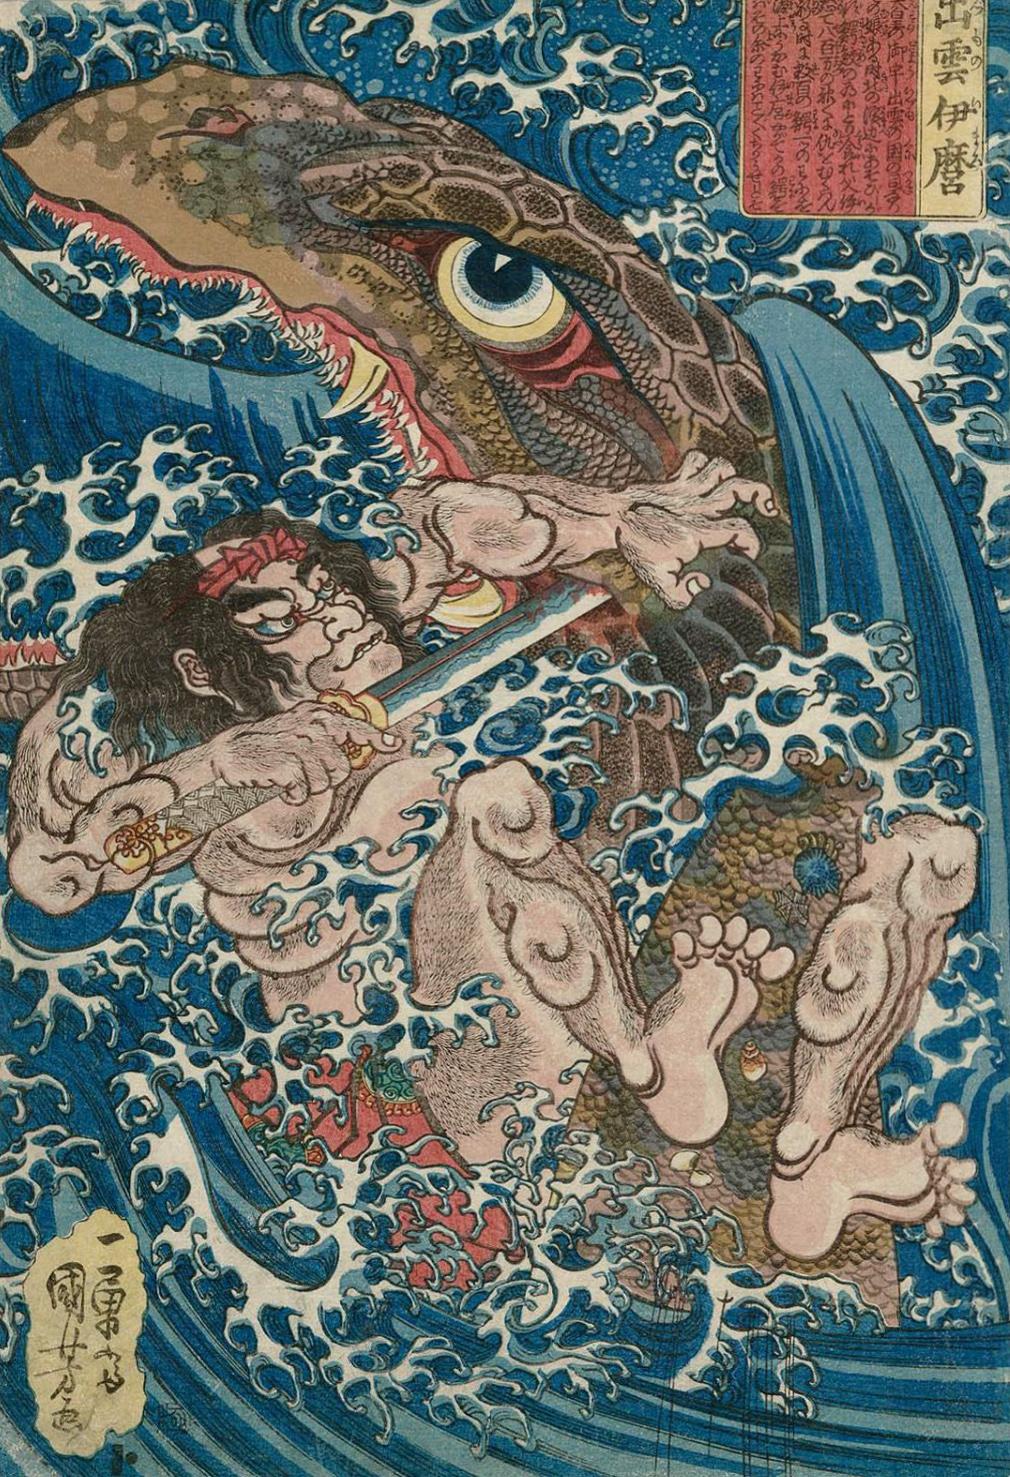 Izumo no Imaro, 1834-35